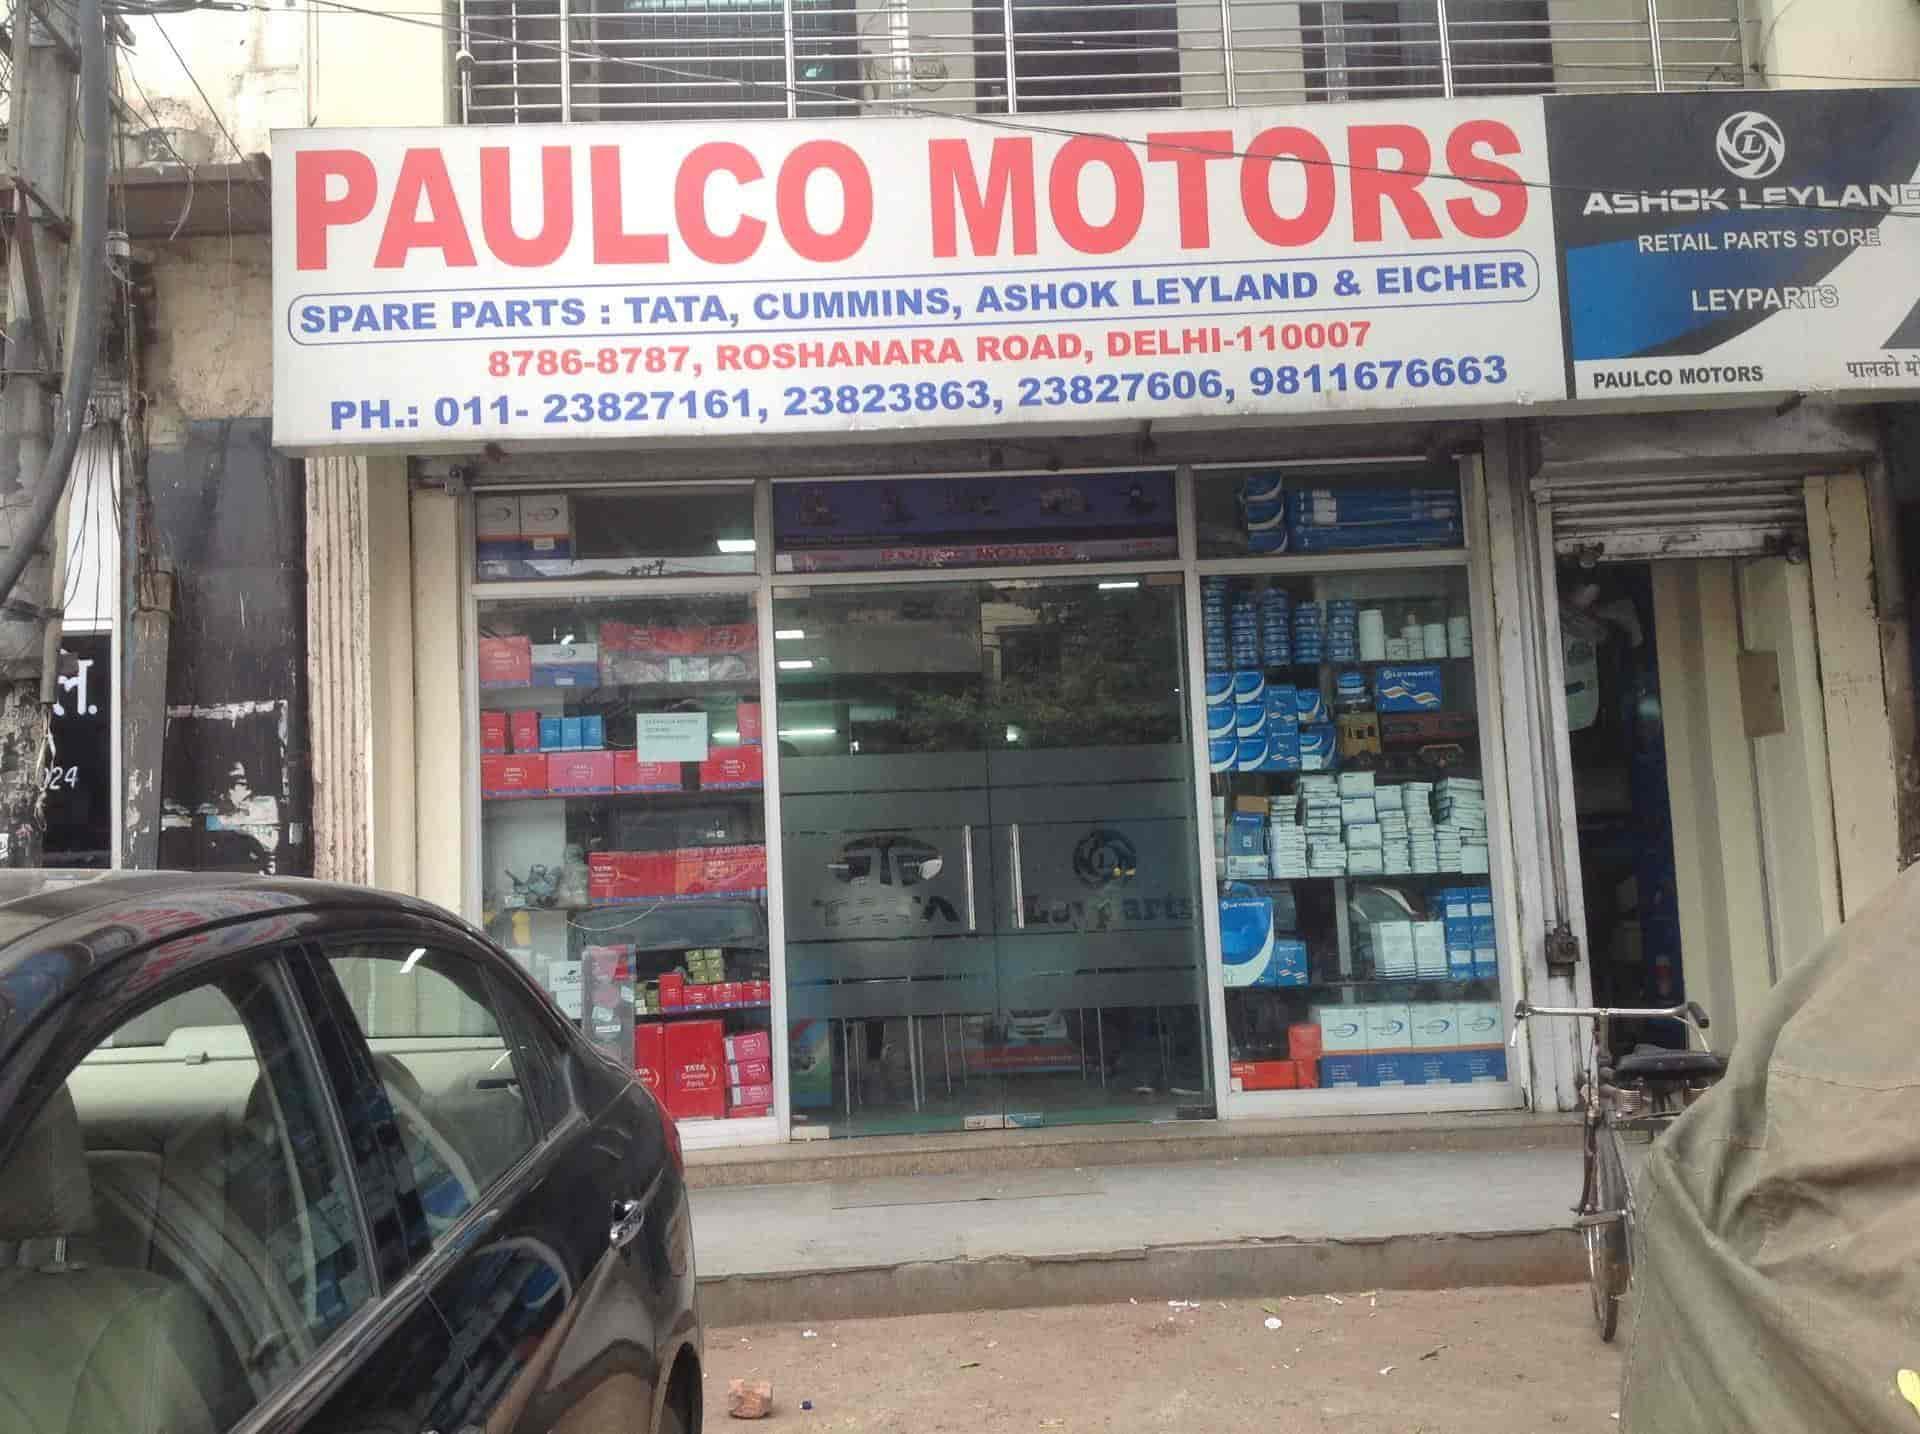 Paulco Motors, Roshanara Road - Truck Part Dealers in Delhi